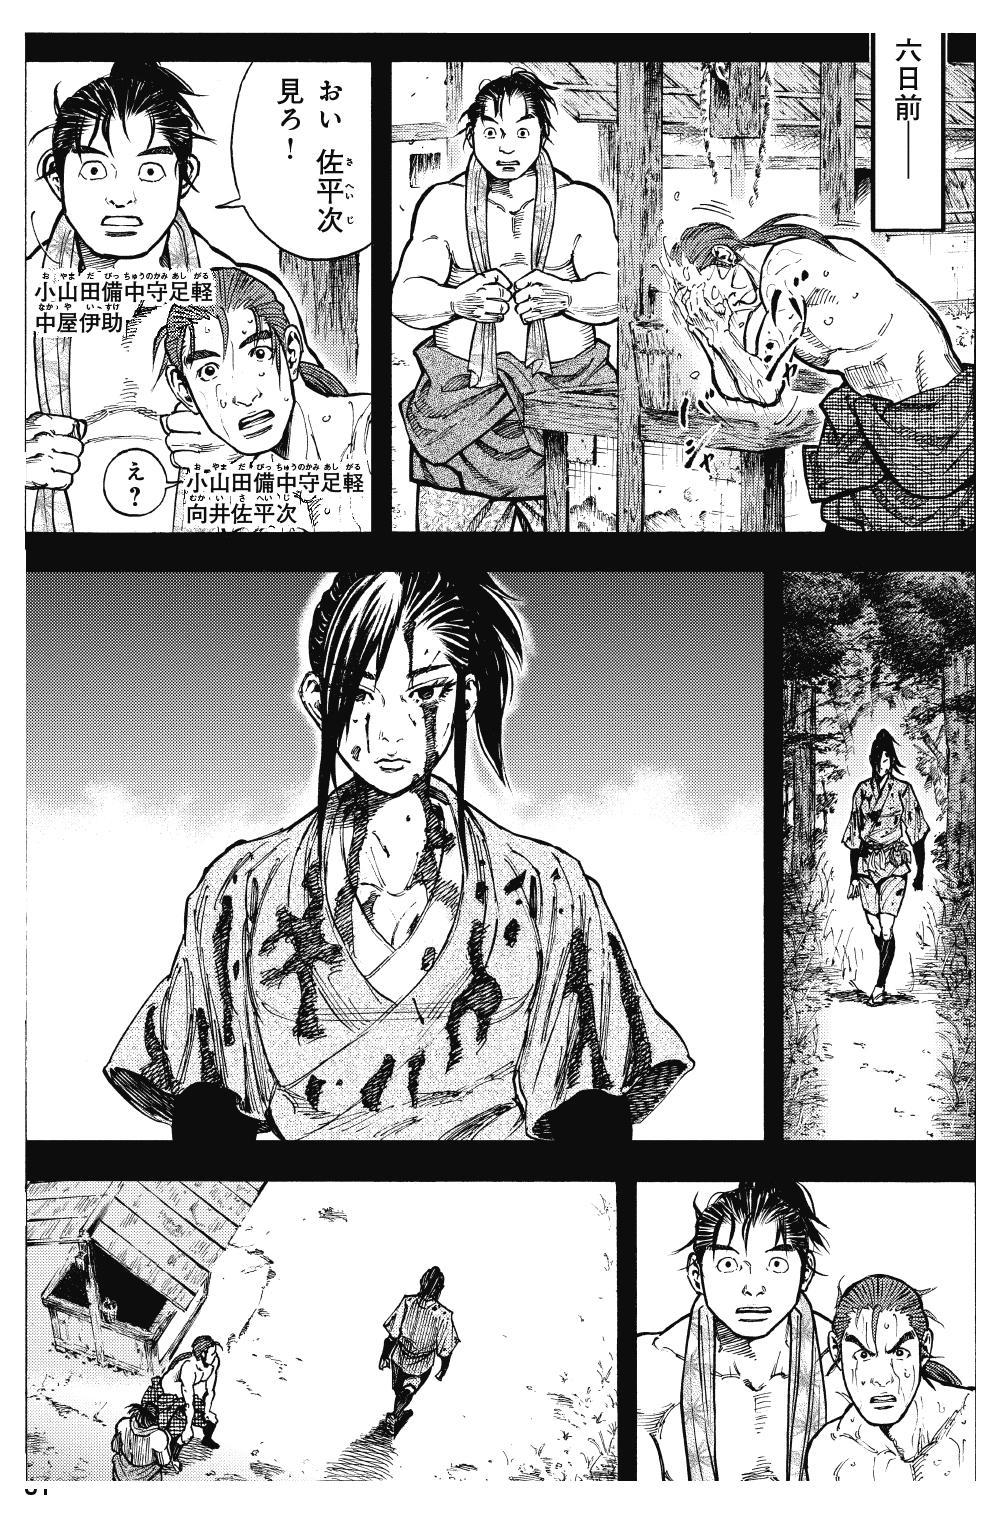 真田太平記 第1話「高遠落城」①sanada2-1-4.jpg